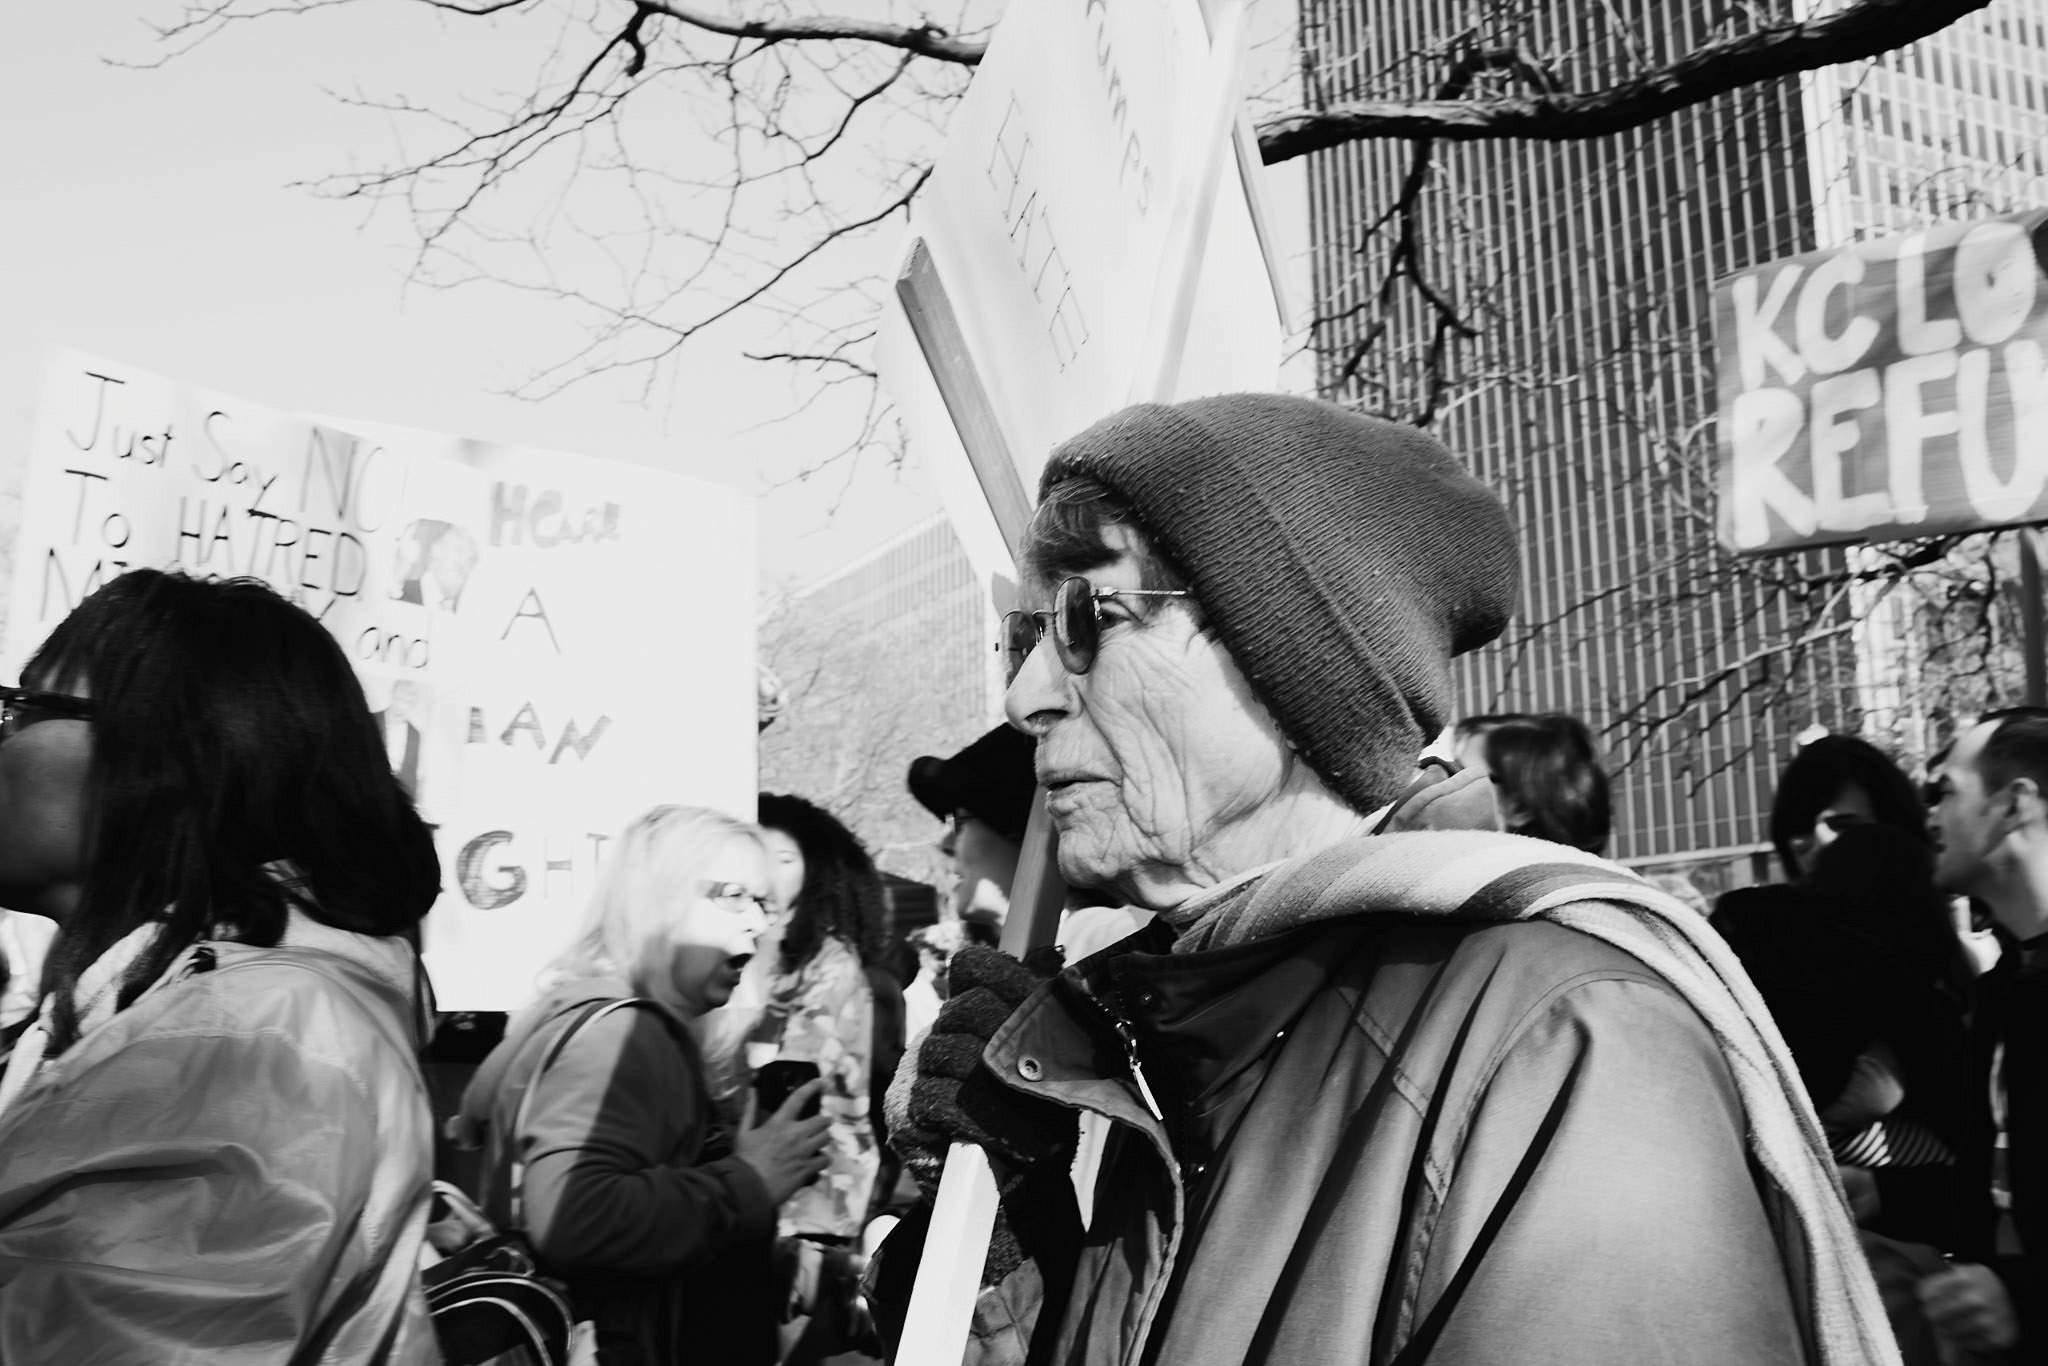 Kansas City Women's March_ChaseCastor03.jpg